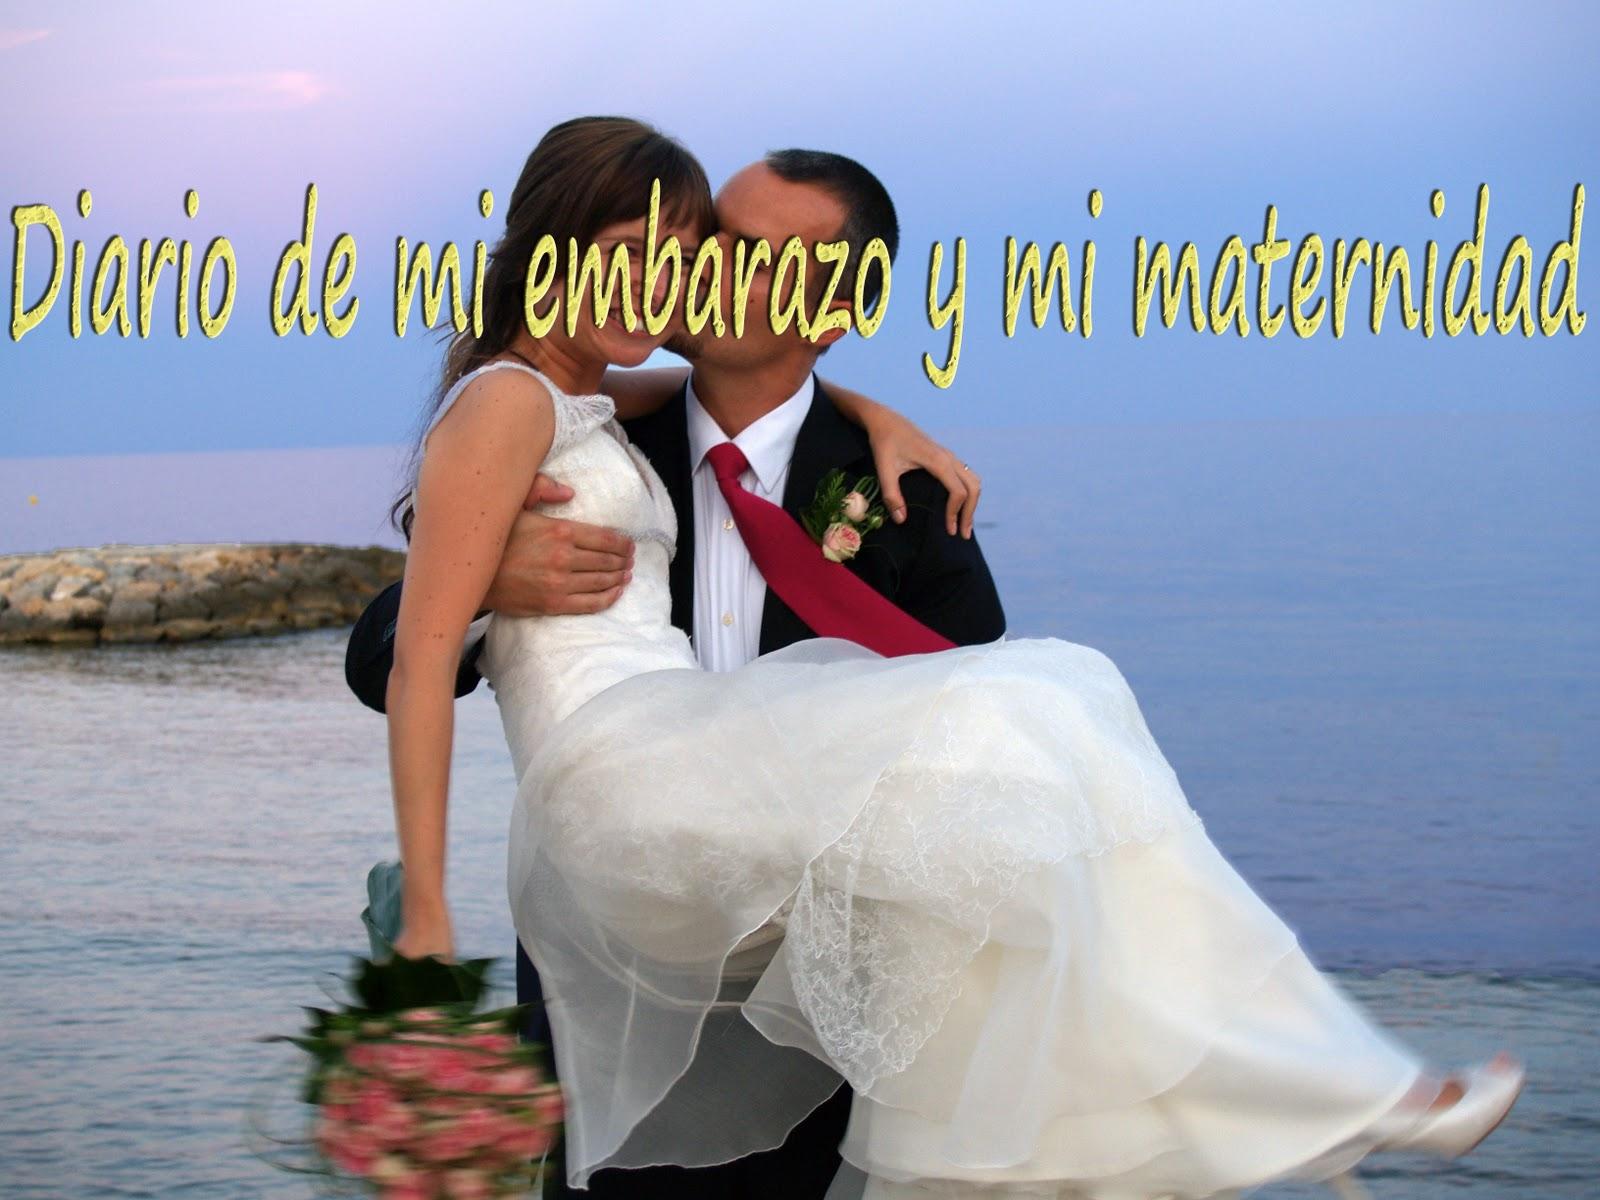 El senador mexicano dedicó la canción 'Declárate Inocente', de José Alfredo Jiménez, a Chavela Vargas durante un homenaje en junio de 2011